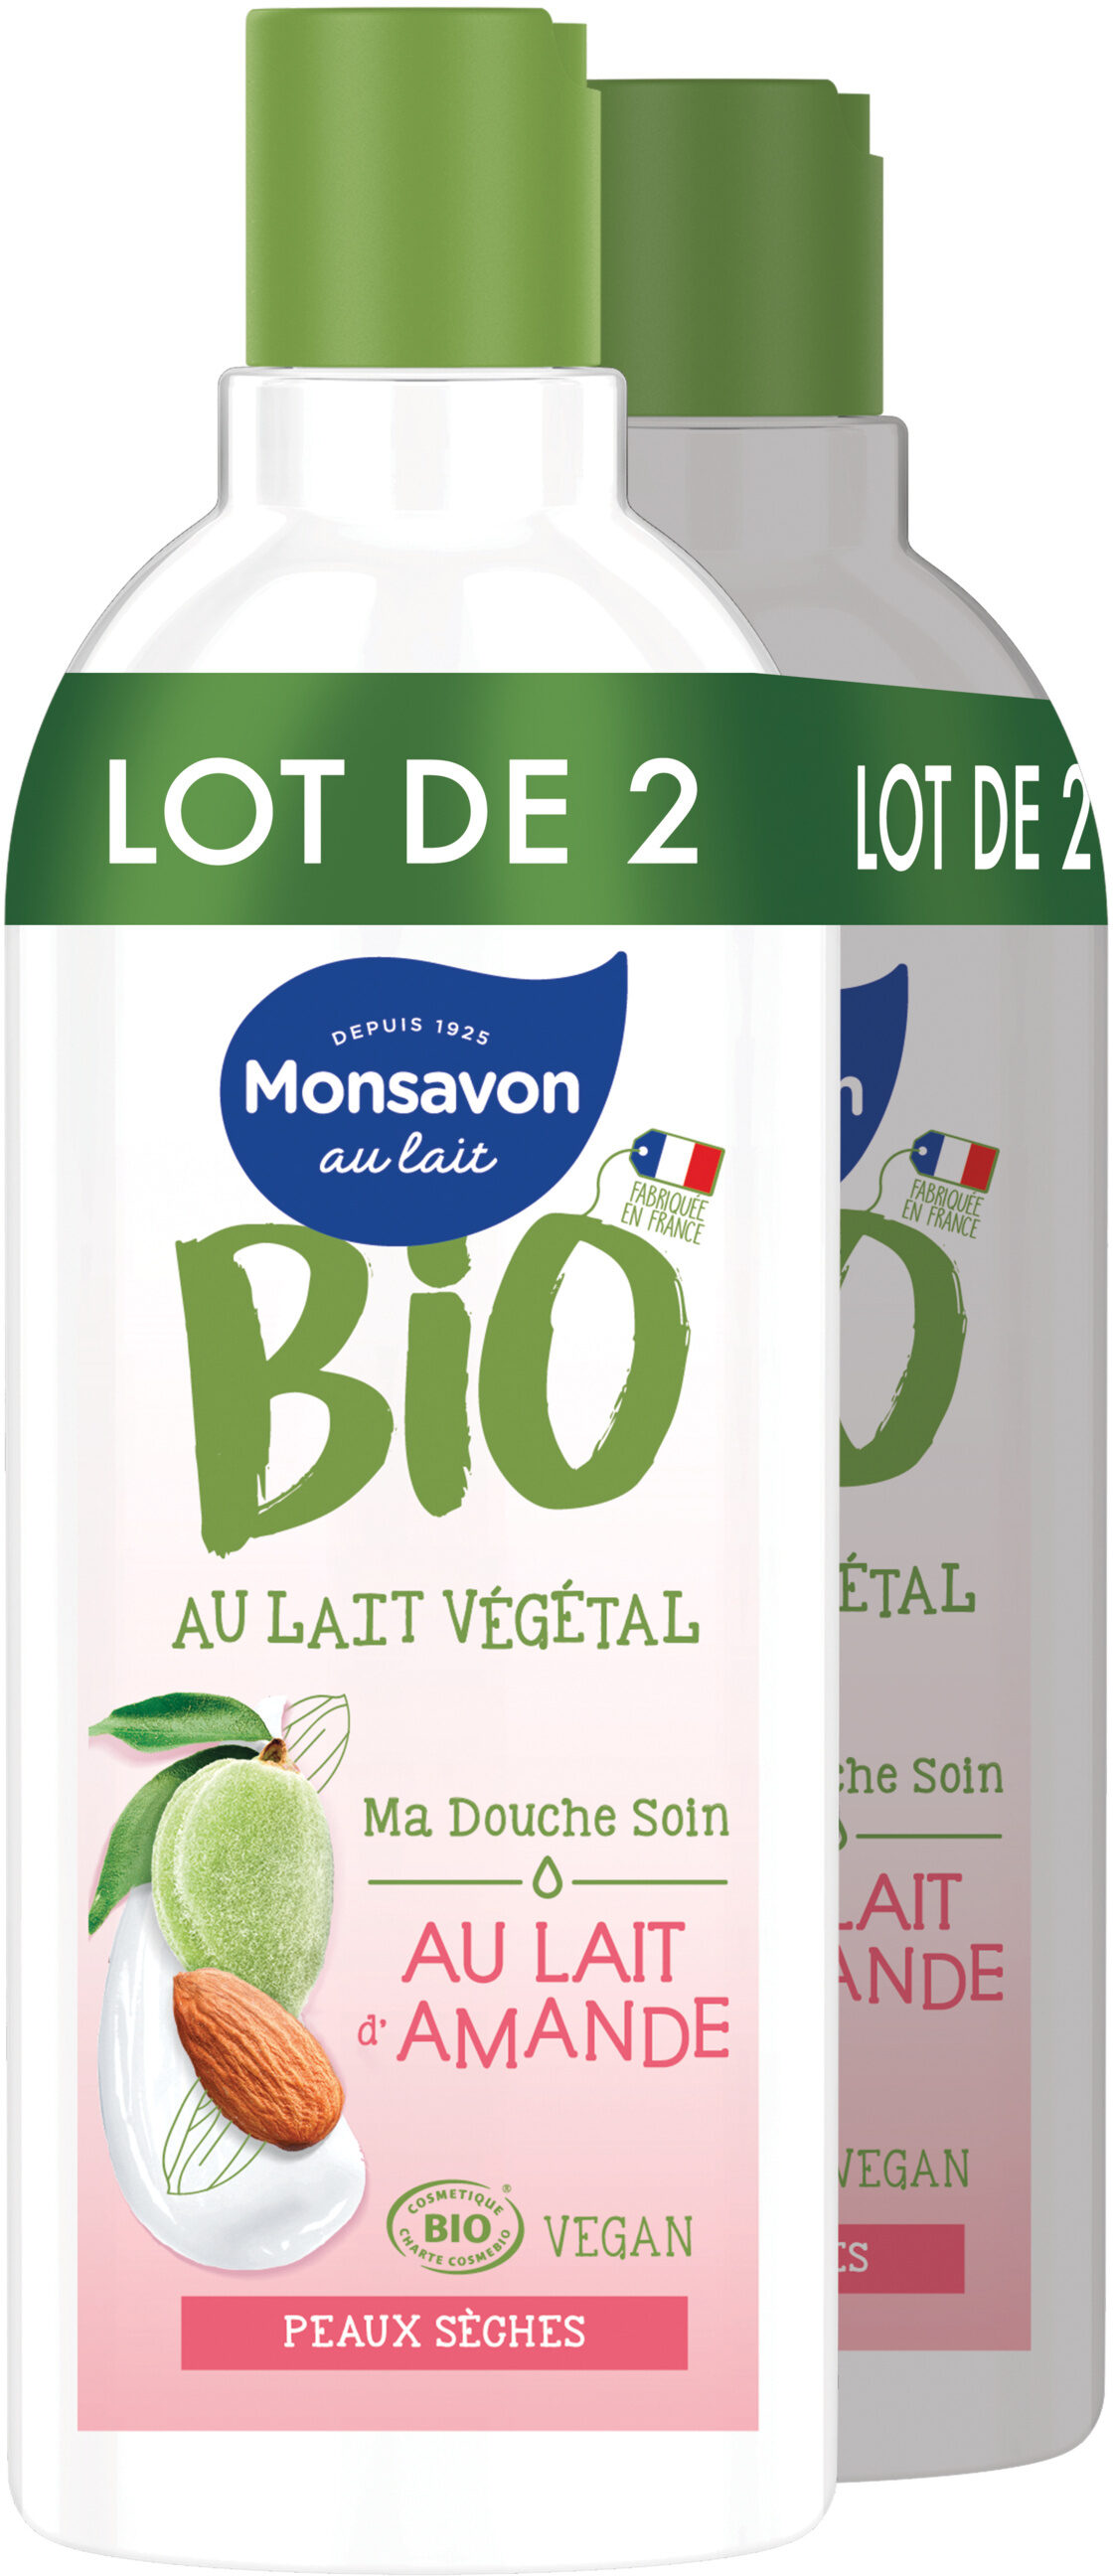 Monsavon Gel Douche Bio Lait Amande Lot 2x300ml - Produit - fr